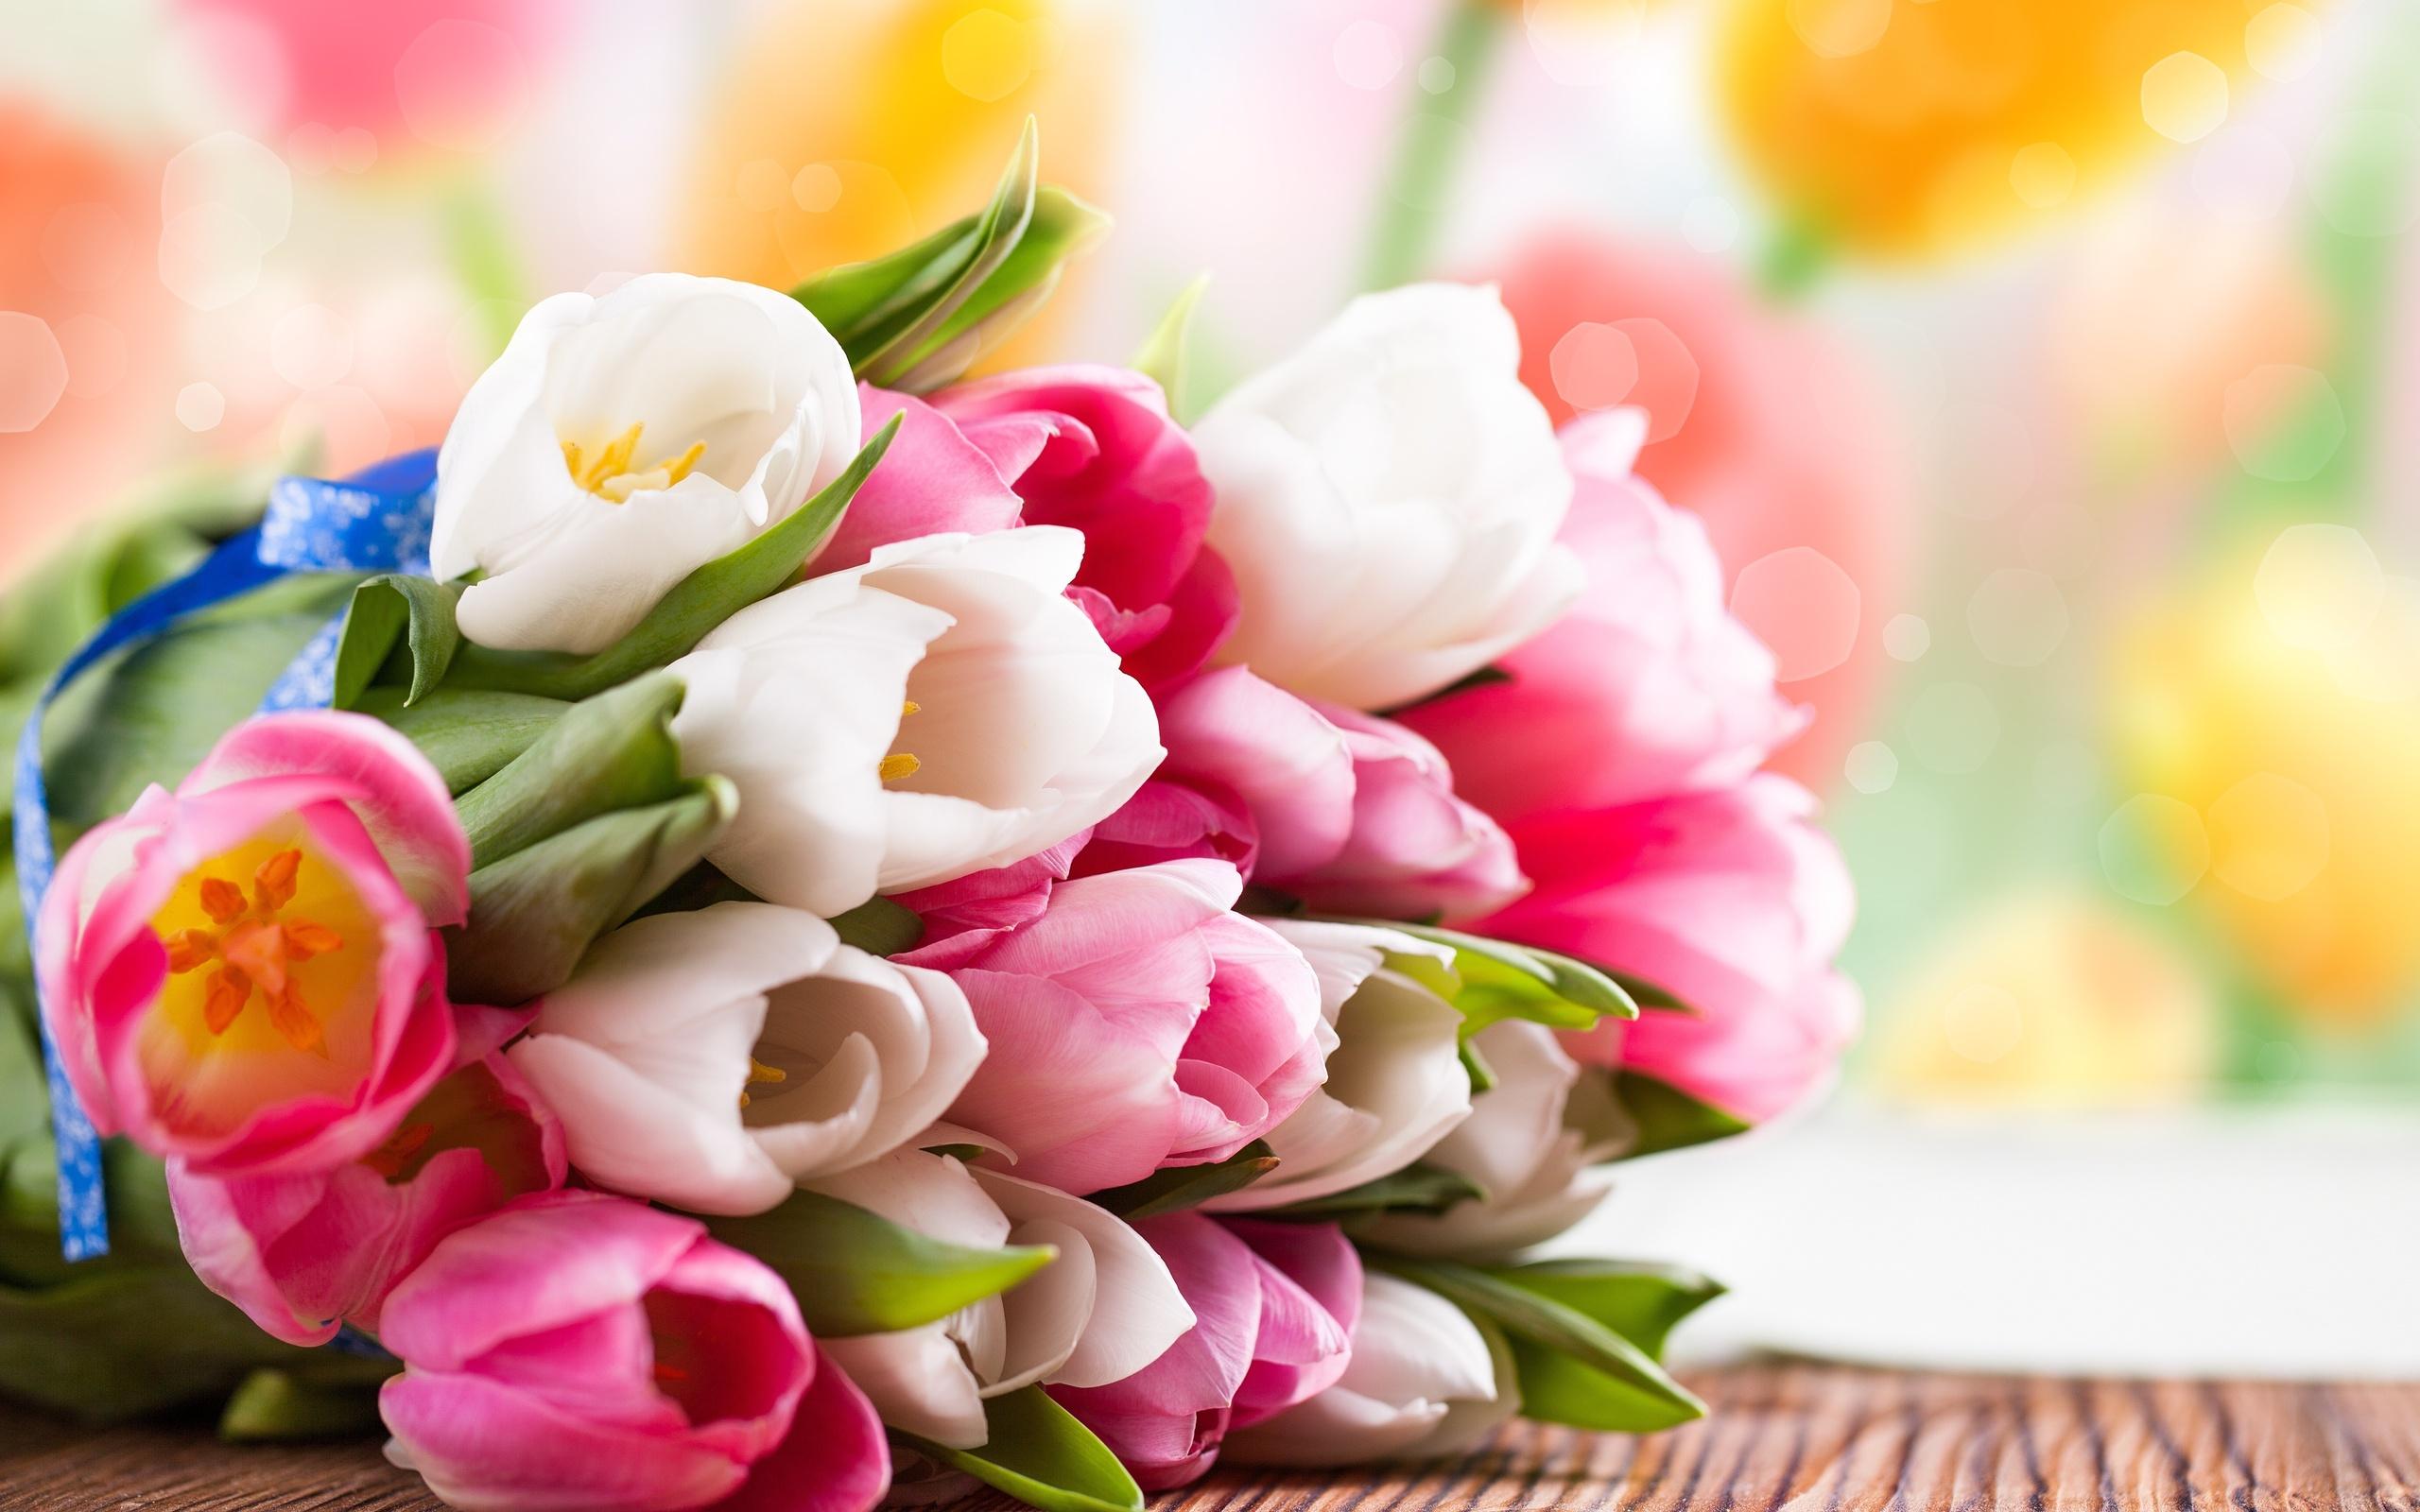 Поздравляем всех прекрасных женщин с праздником 8 марта!